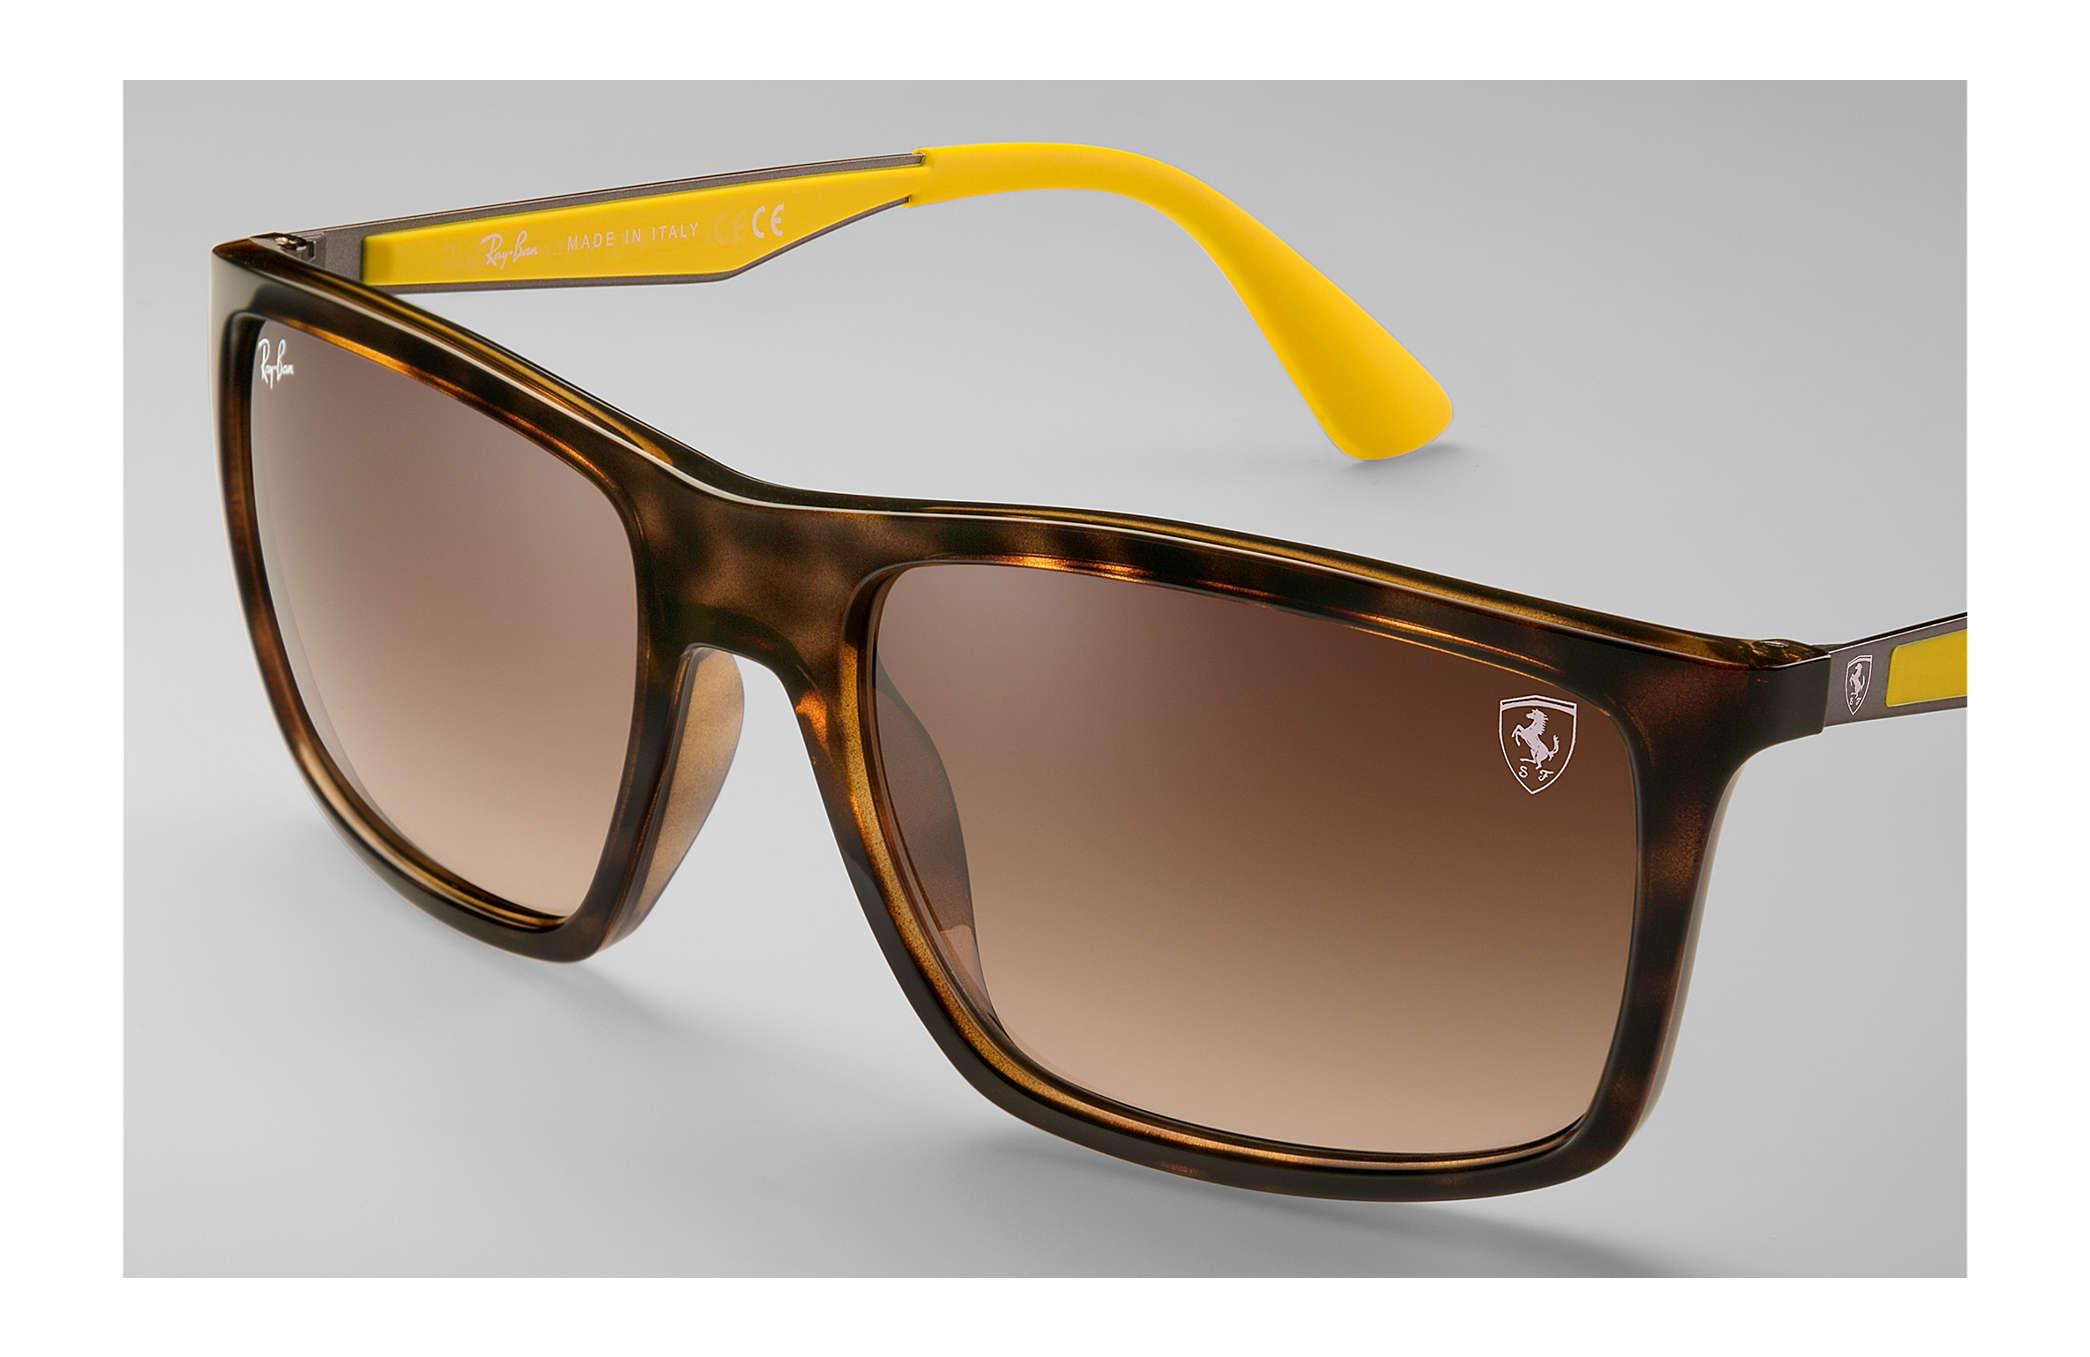 ray ban sonnenbrille gelbe gläser